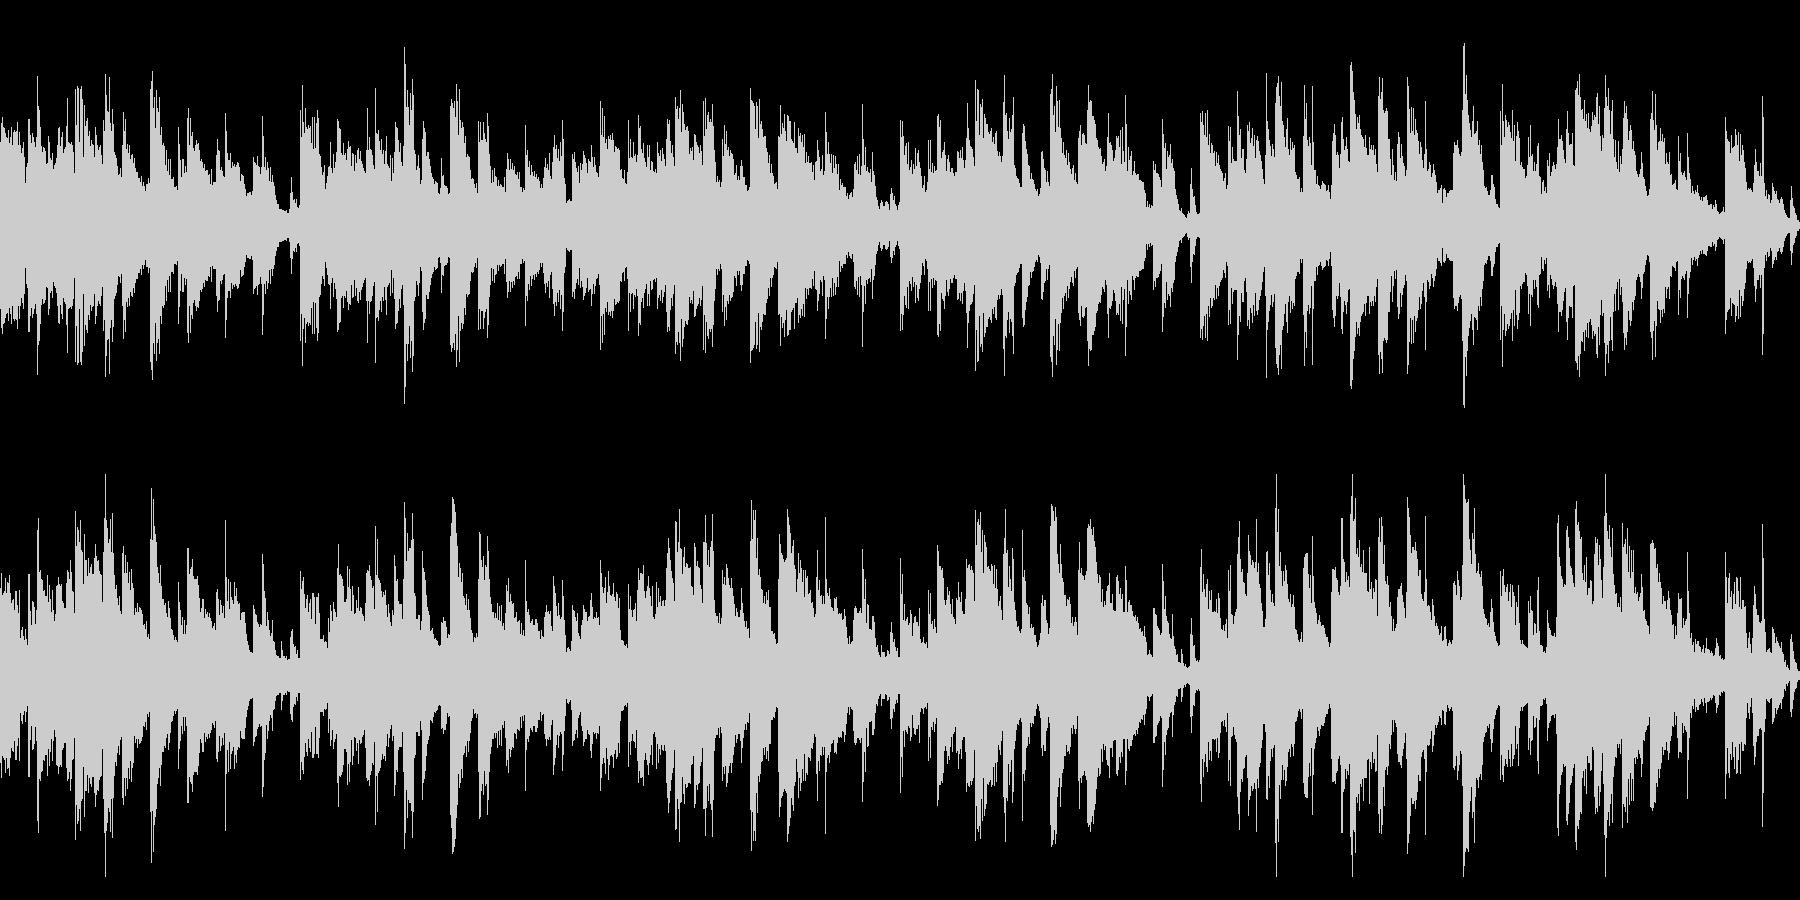 そよ風が歌うようなピアノ曲(ループ)の未再生の波形